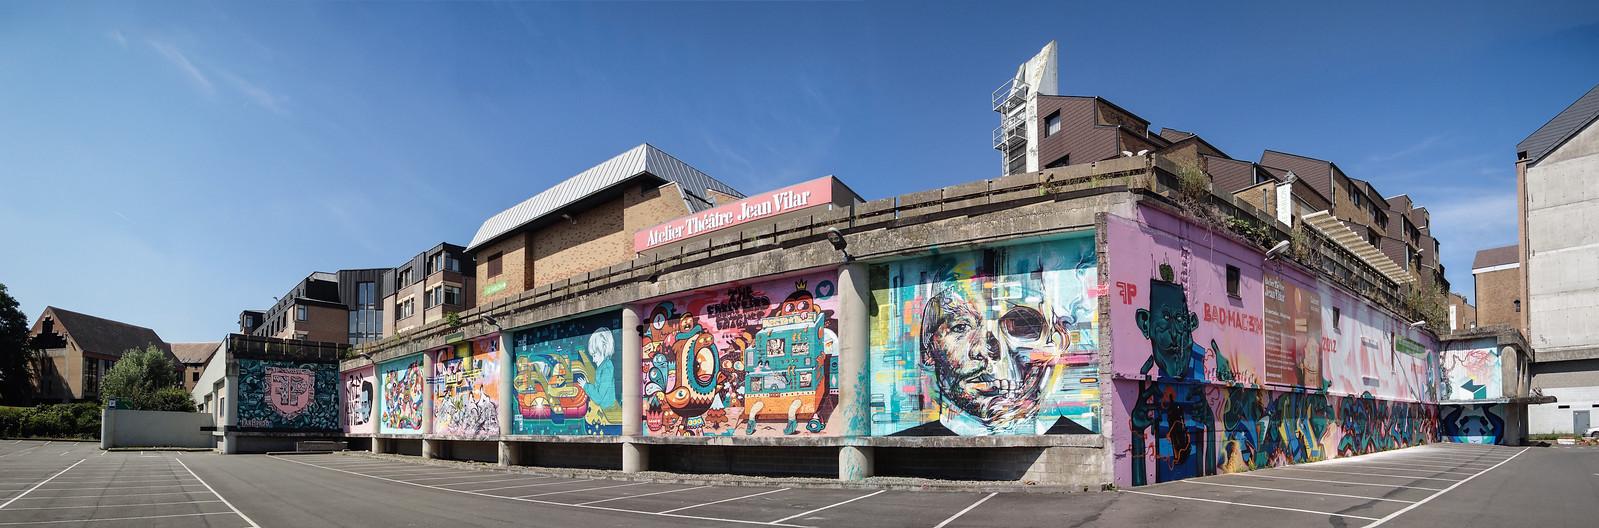 Louvain-les-Graffiti